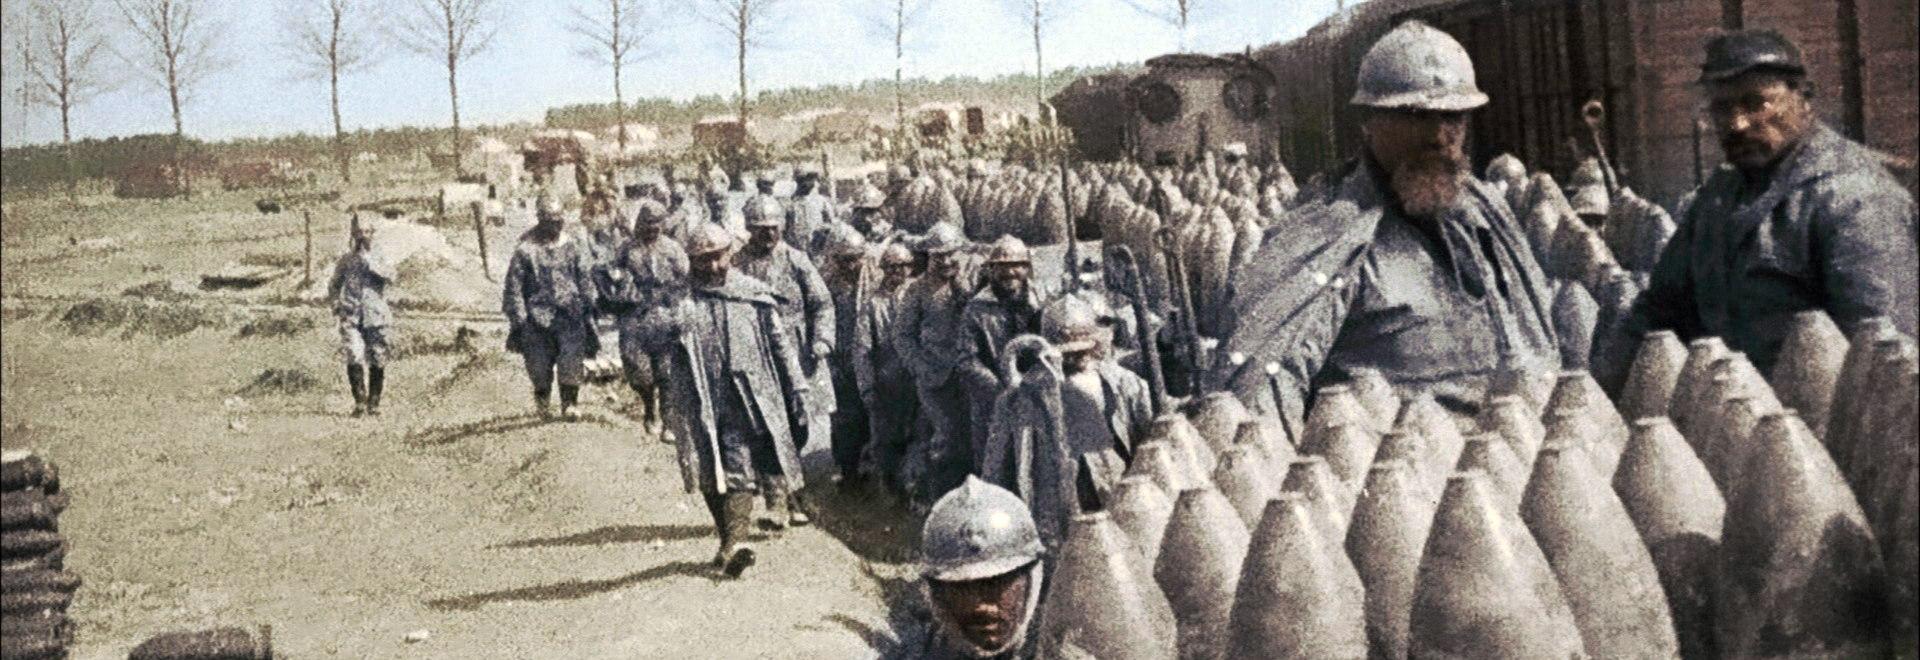 Sarajevo: 28 giugno 1914